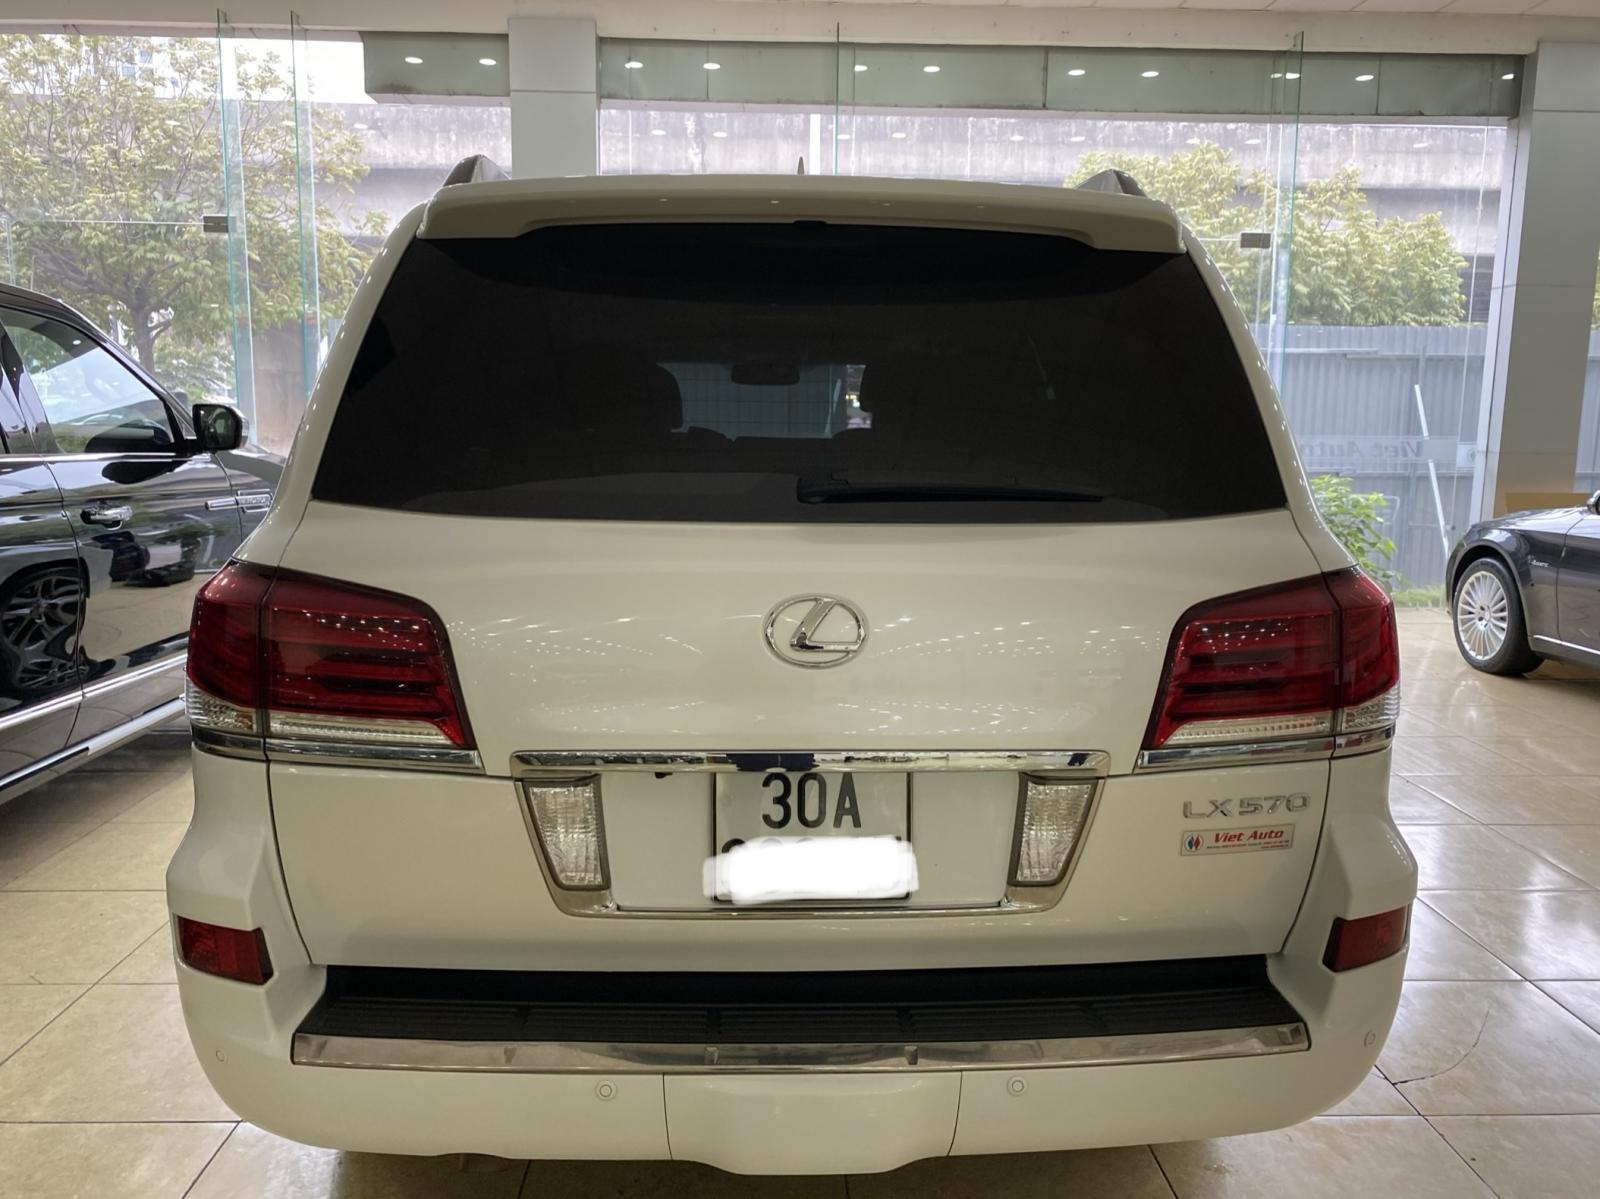 Lexus LX570 nhập Mỹ,màu trắng,đăng ký 2015,xe siêu đẹp,biển Hà nội,